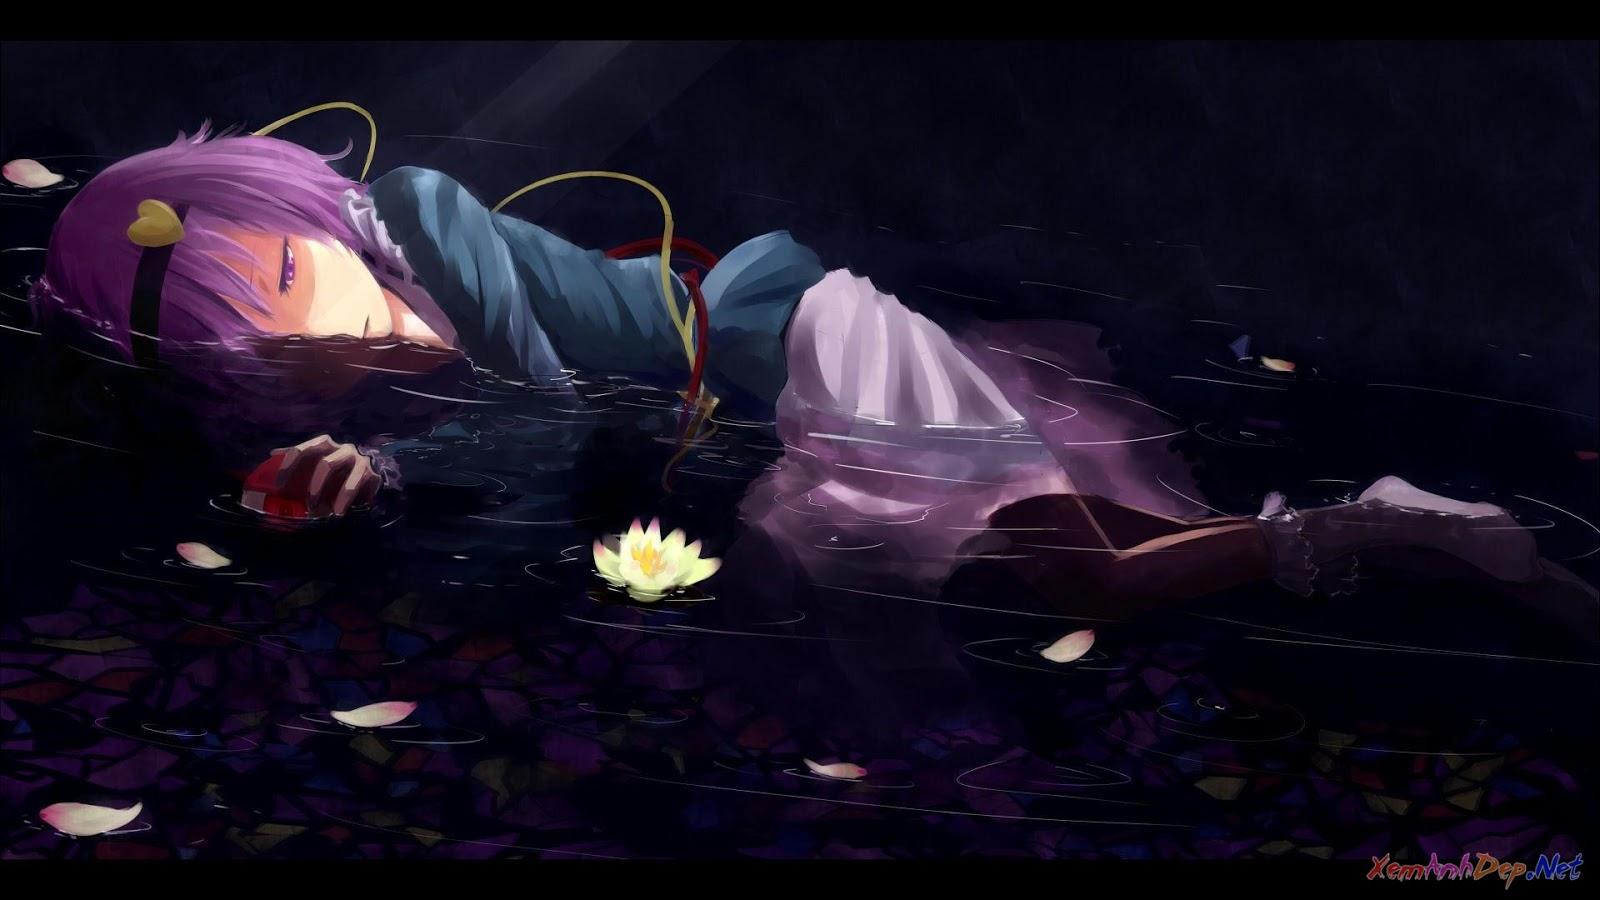 Hình girl anime buồn cô đơn thất tình